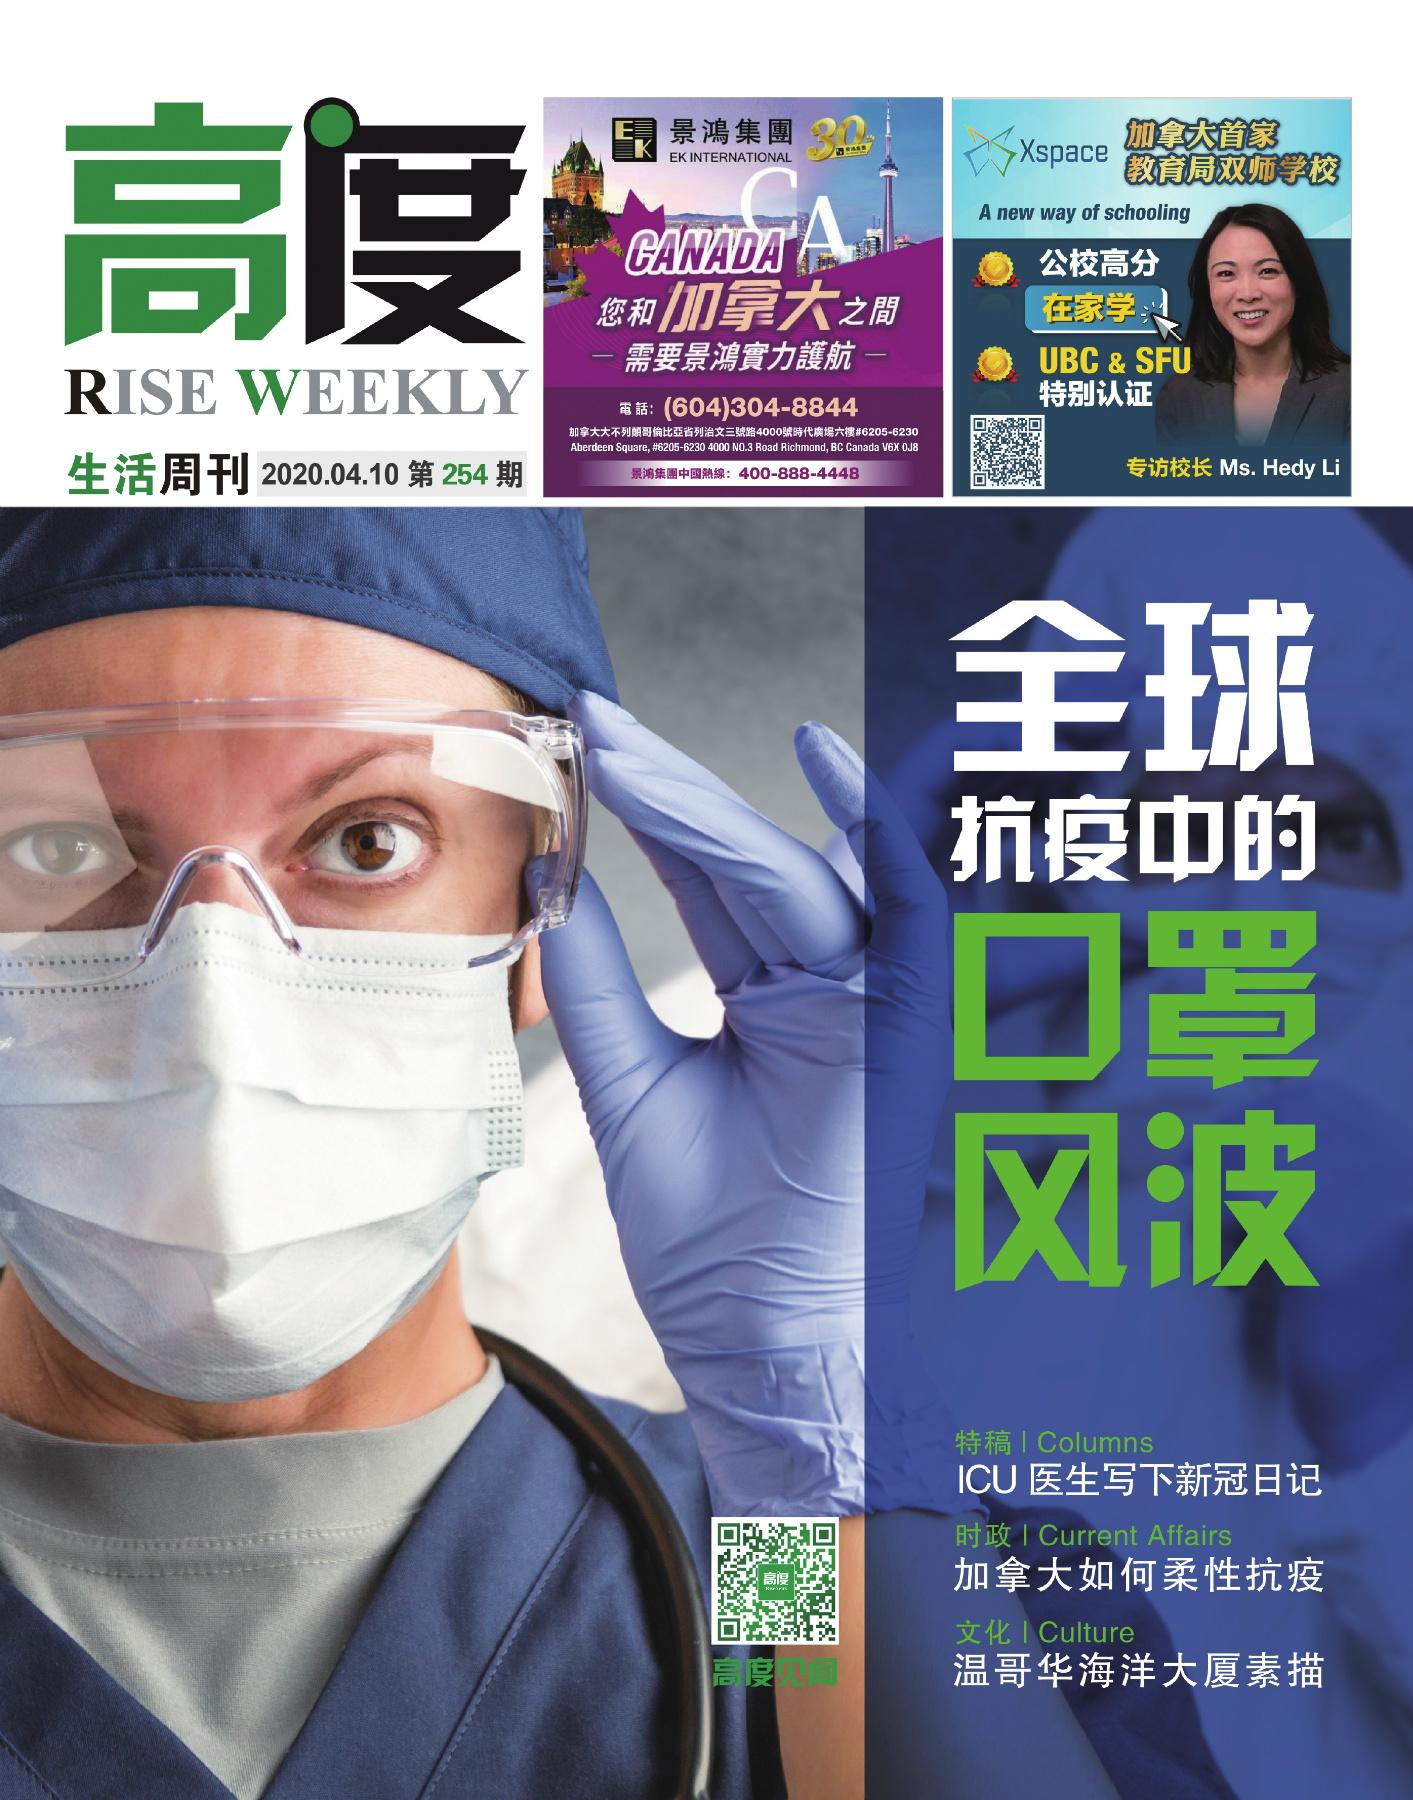 高度生活周刊 2020年04月10日 第254期